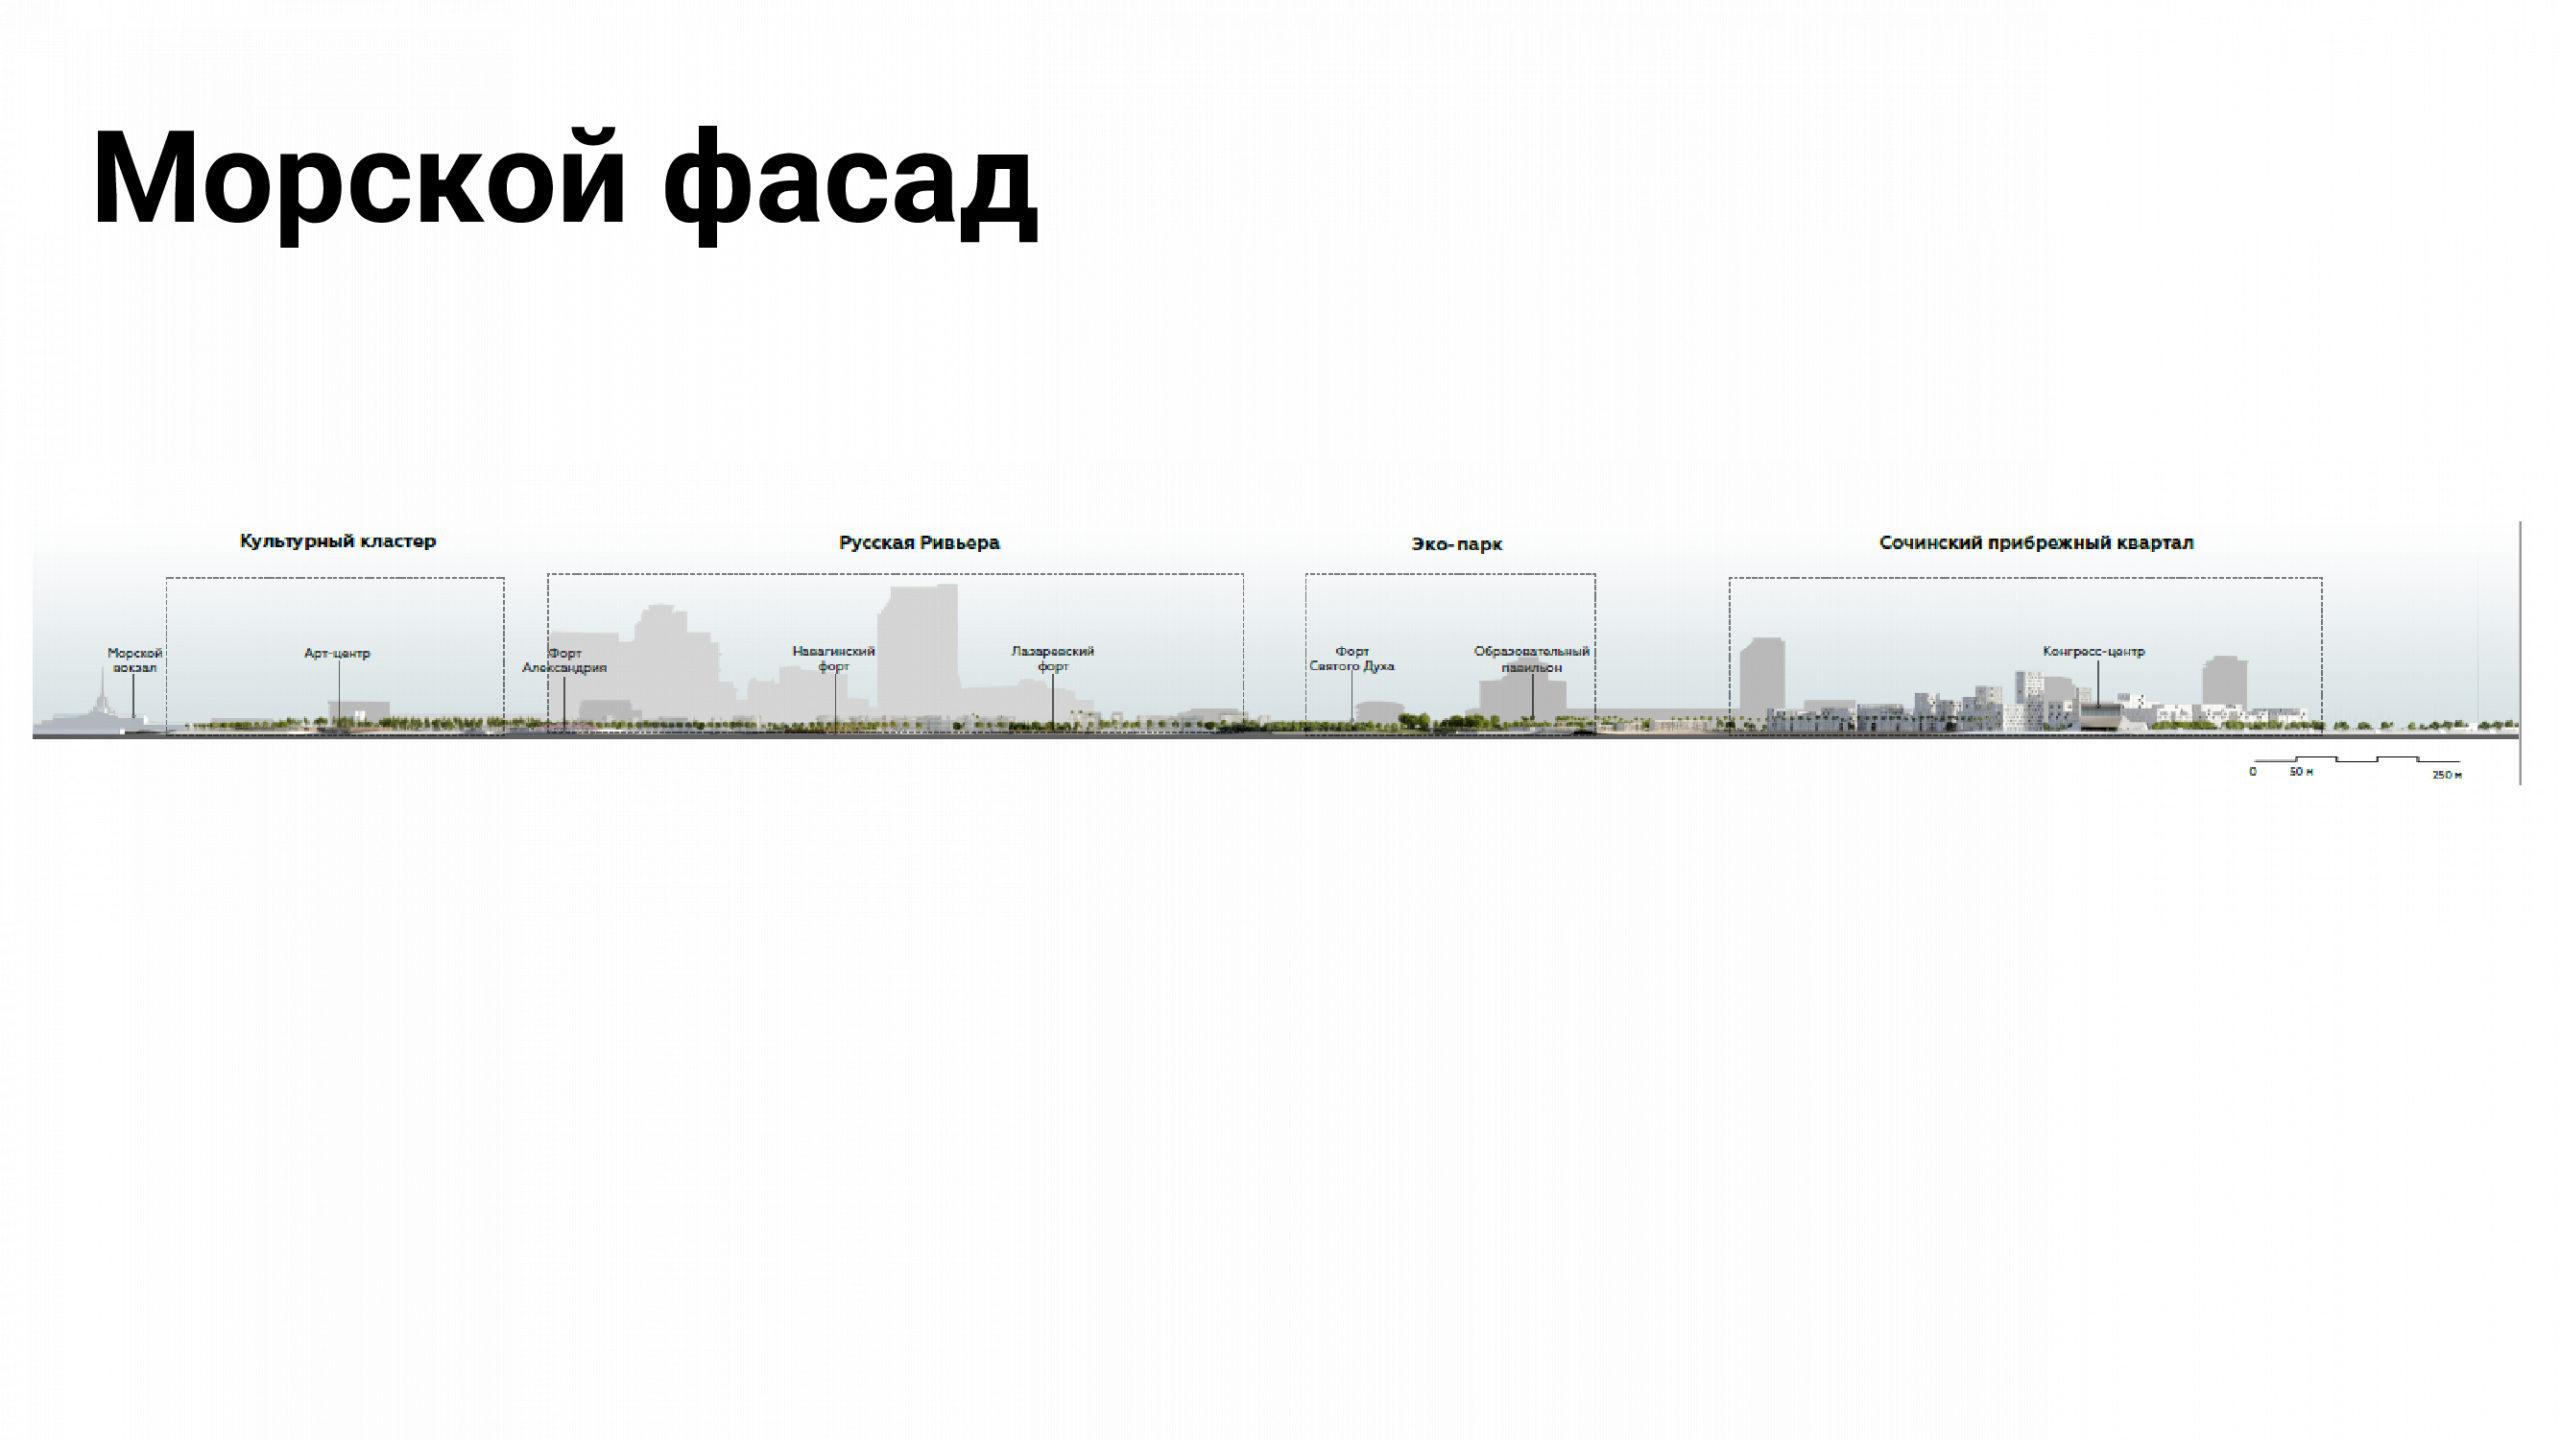 Проекты создания сервисной среды мирового уровня на искусственном земельном участке